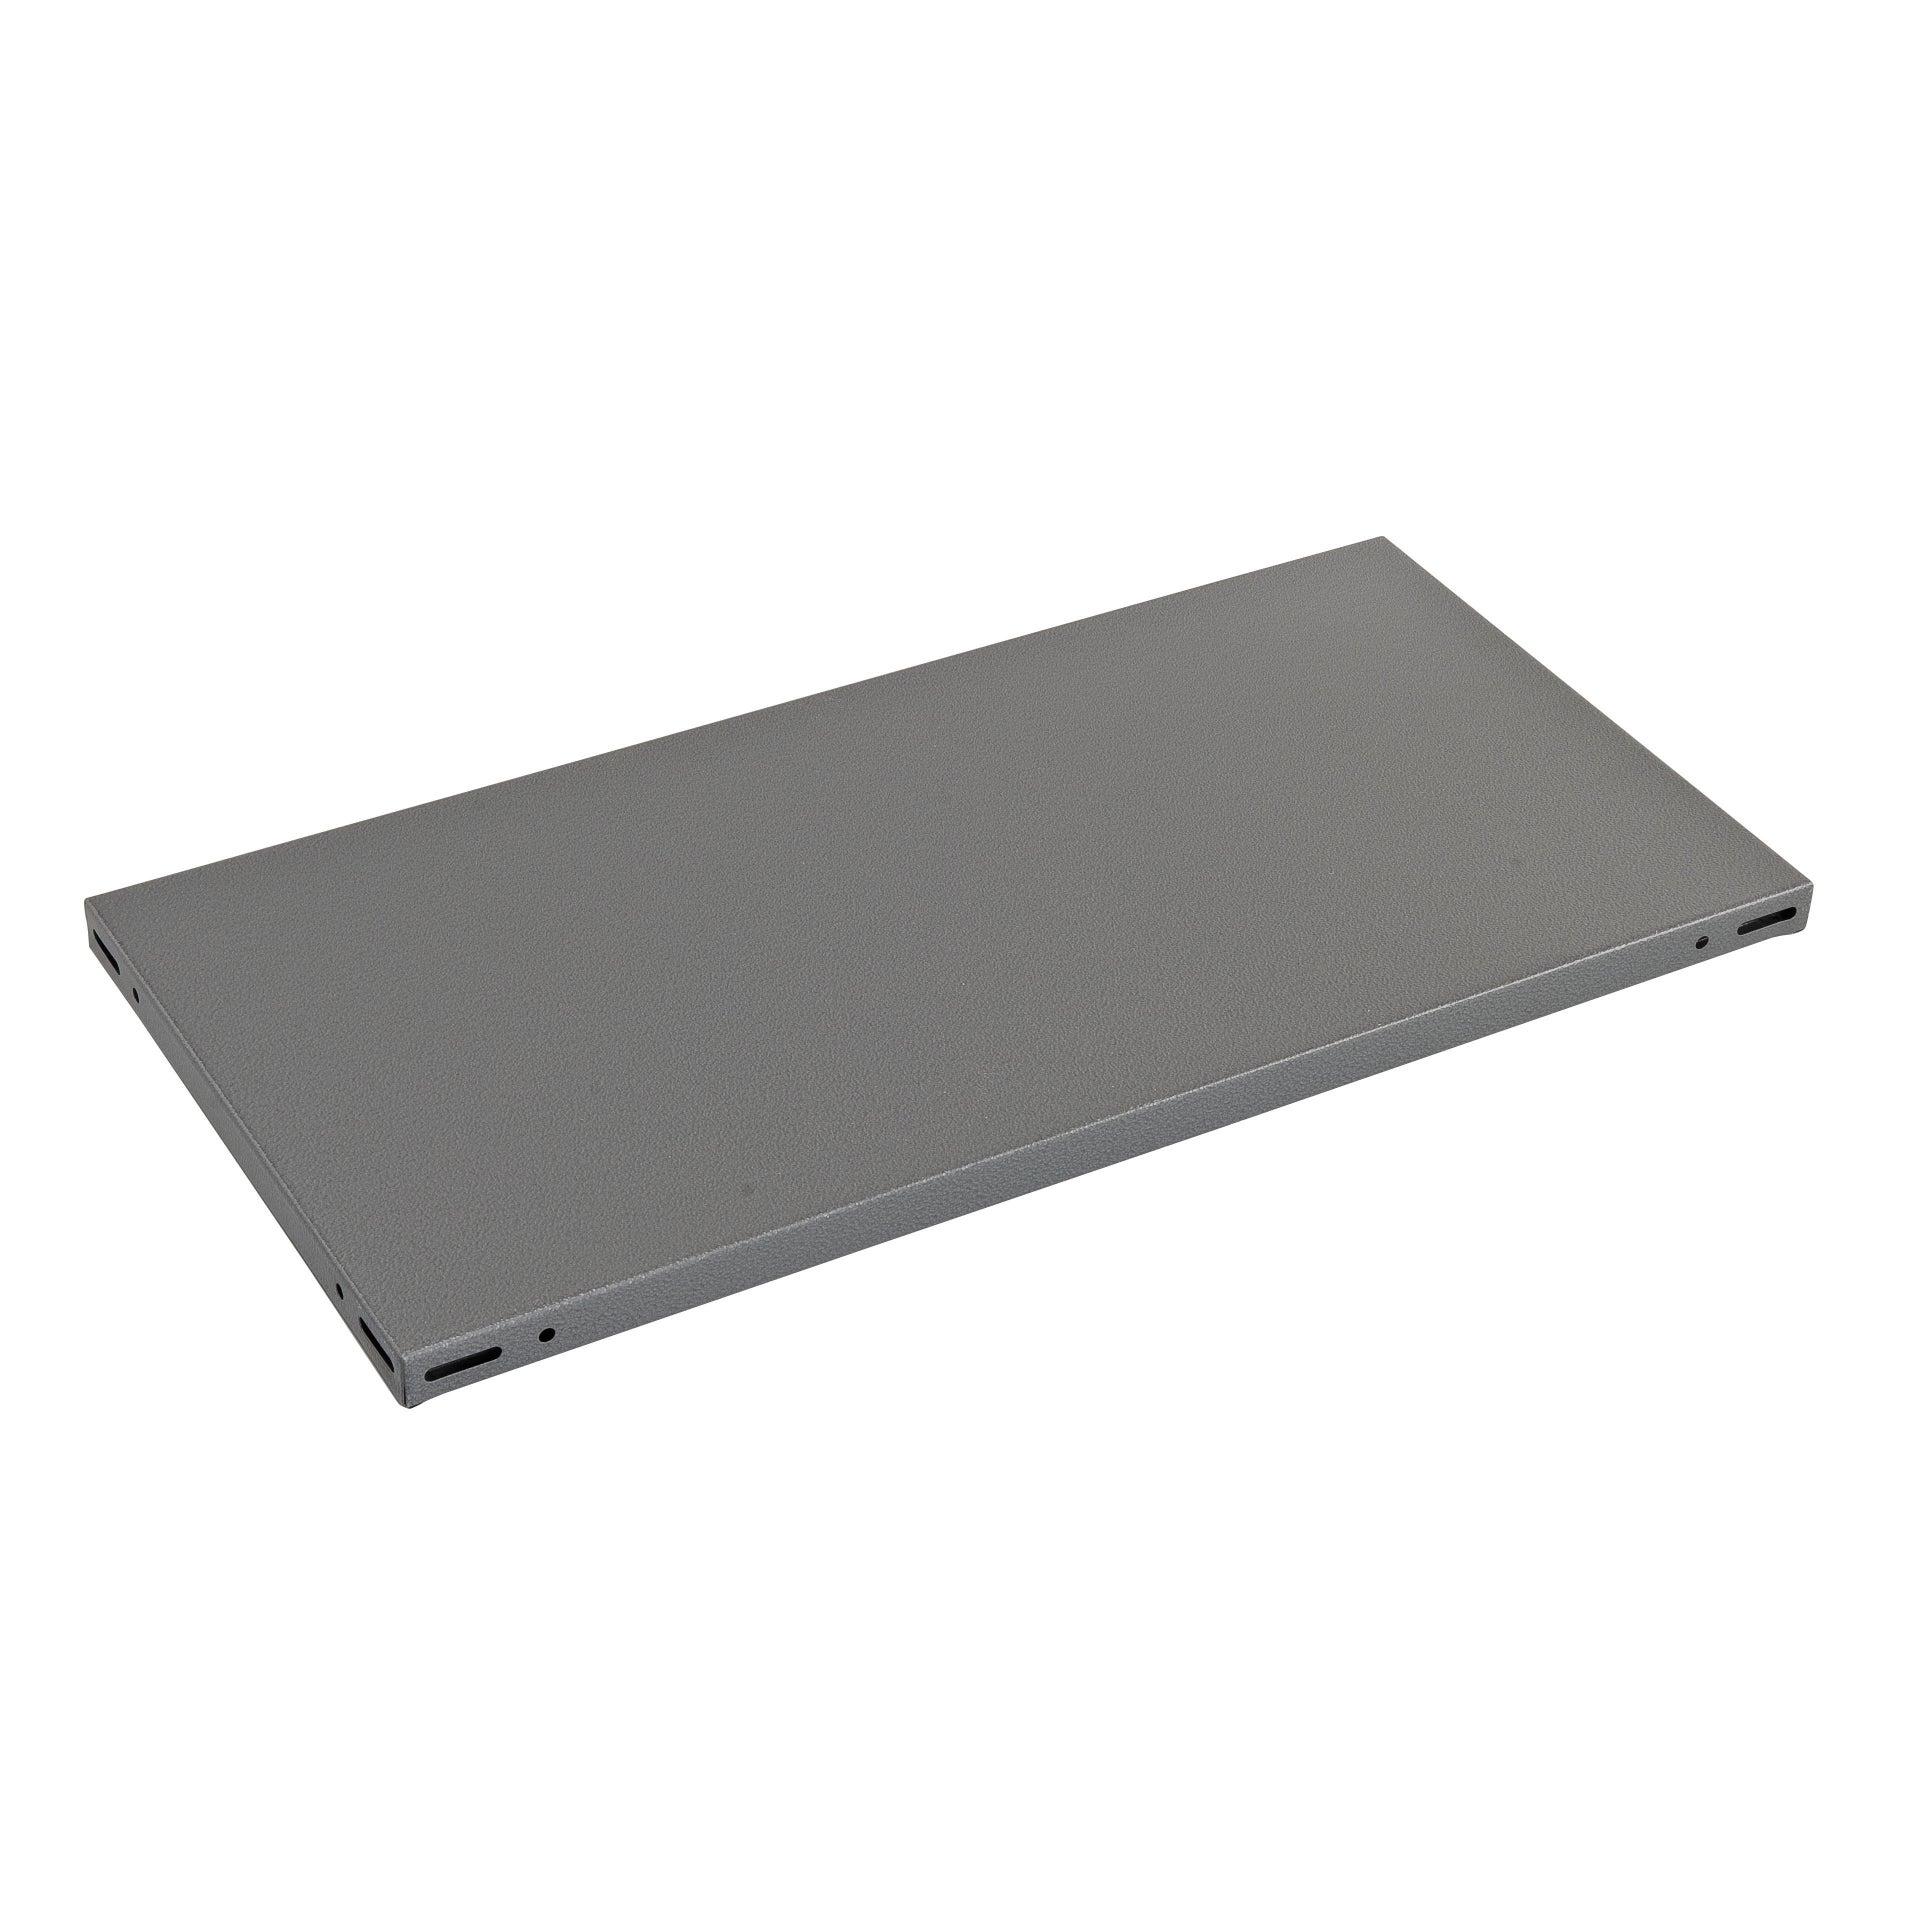 Ripiano L 100 x H 3 x P 60 cm grigio